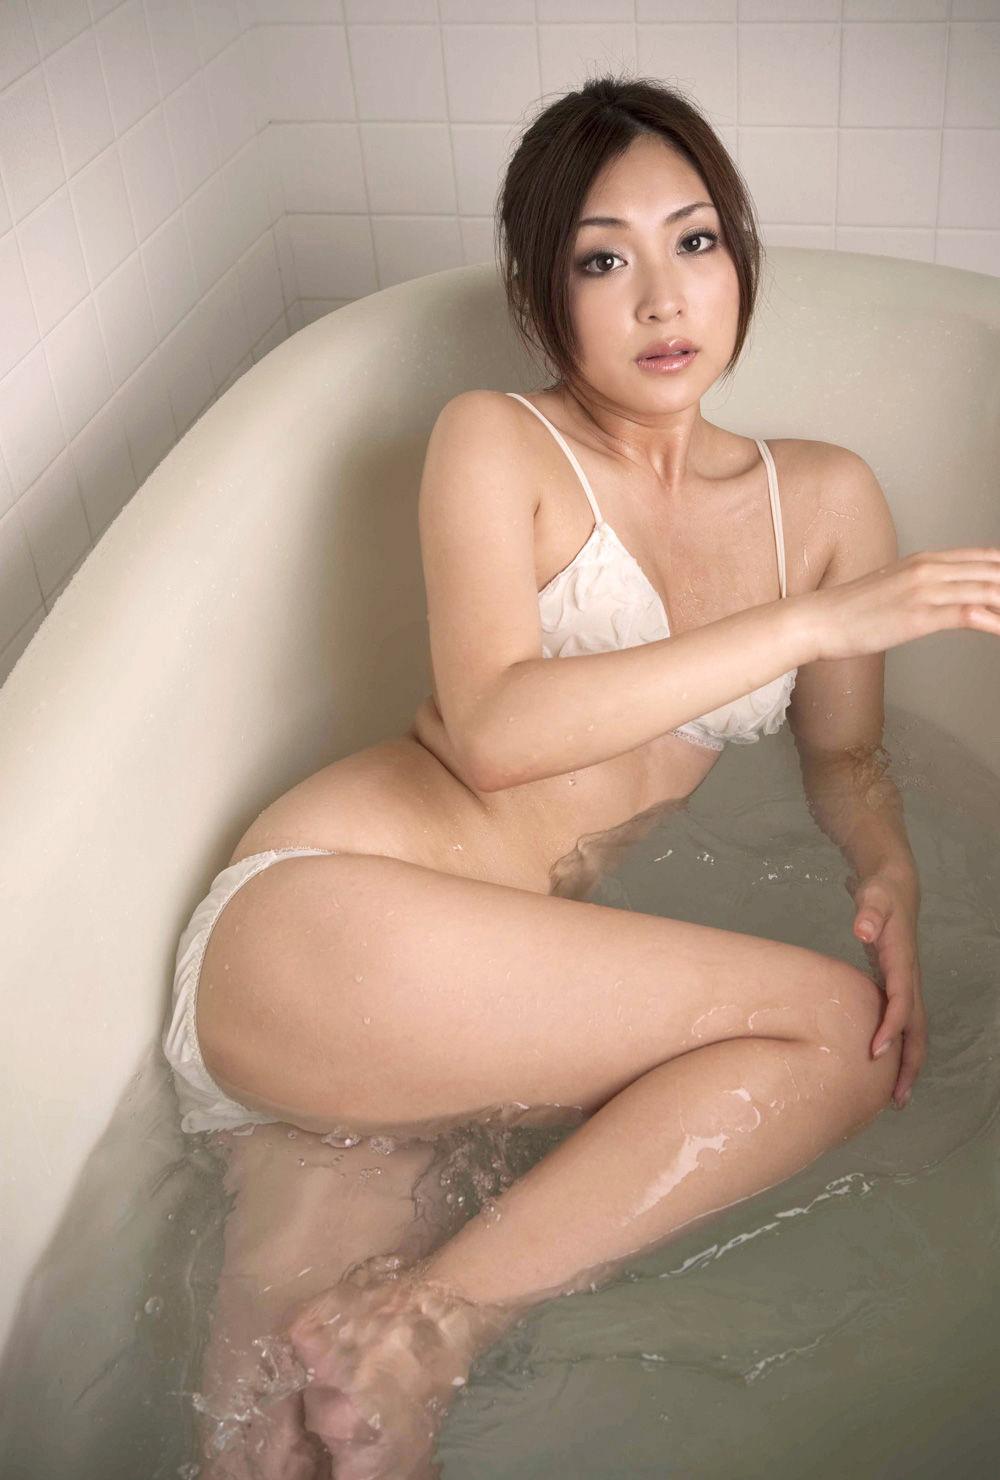 辰巳奈都子 画像 掲示板 44